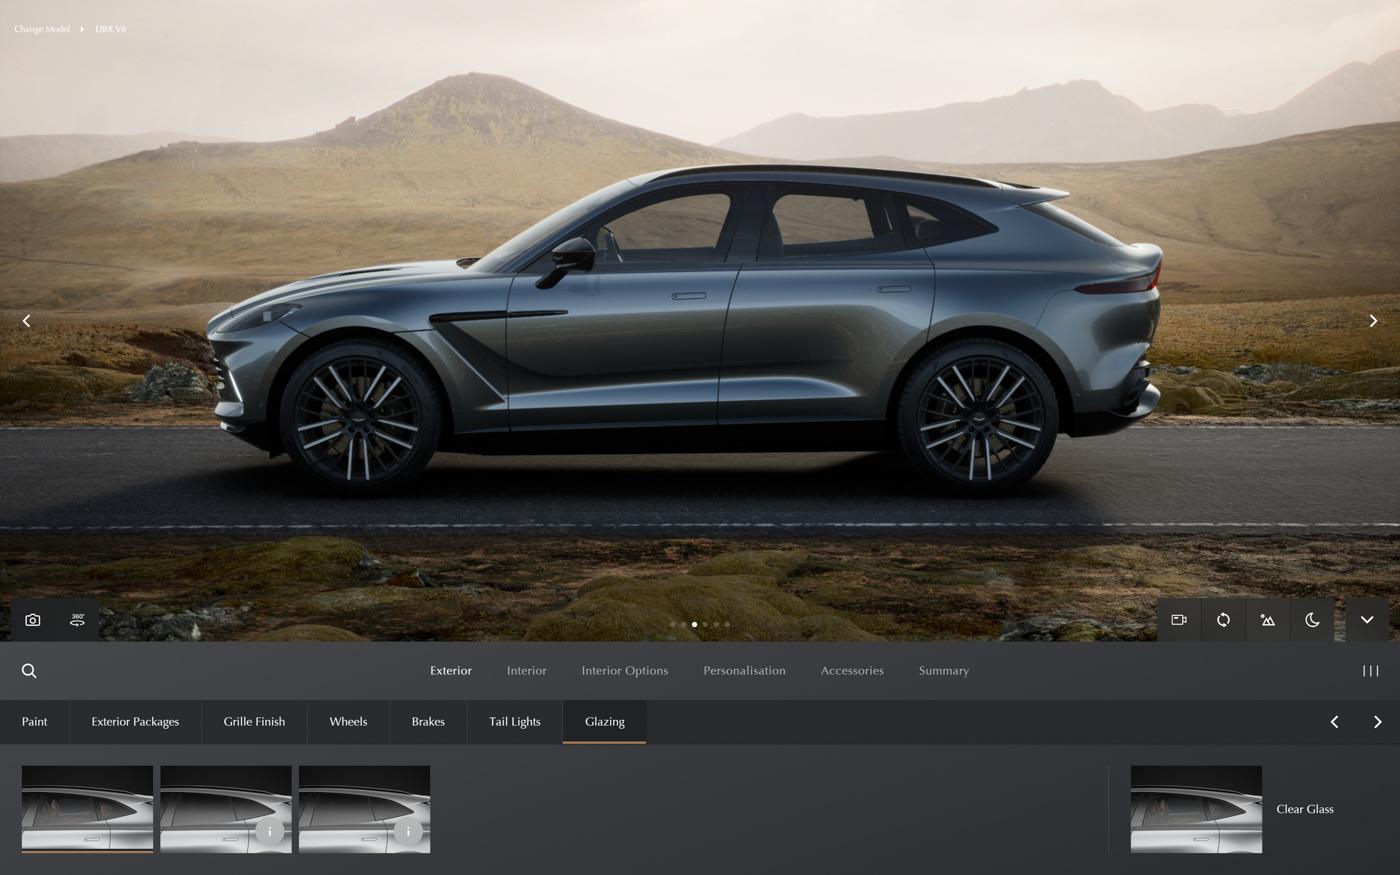 Aston-Martin-công-bố-nâng-cấp-cho-đời-xe-2022-2.jpg